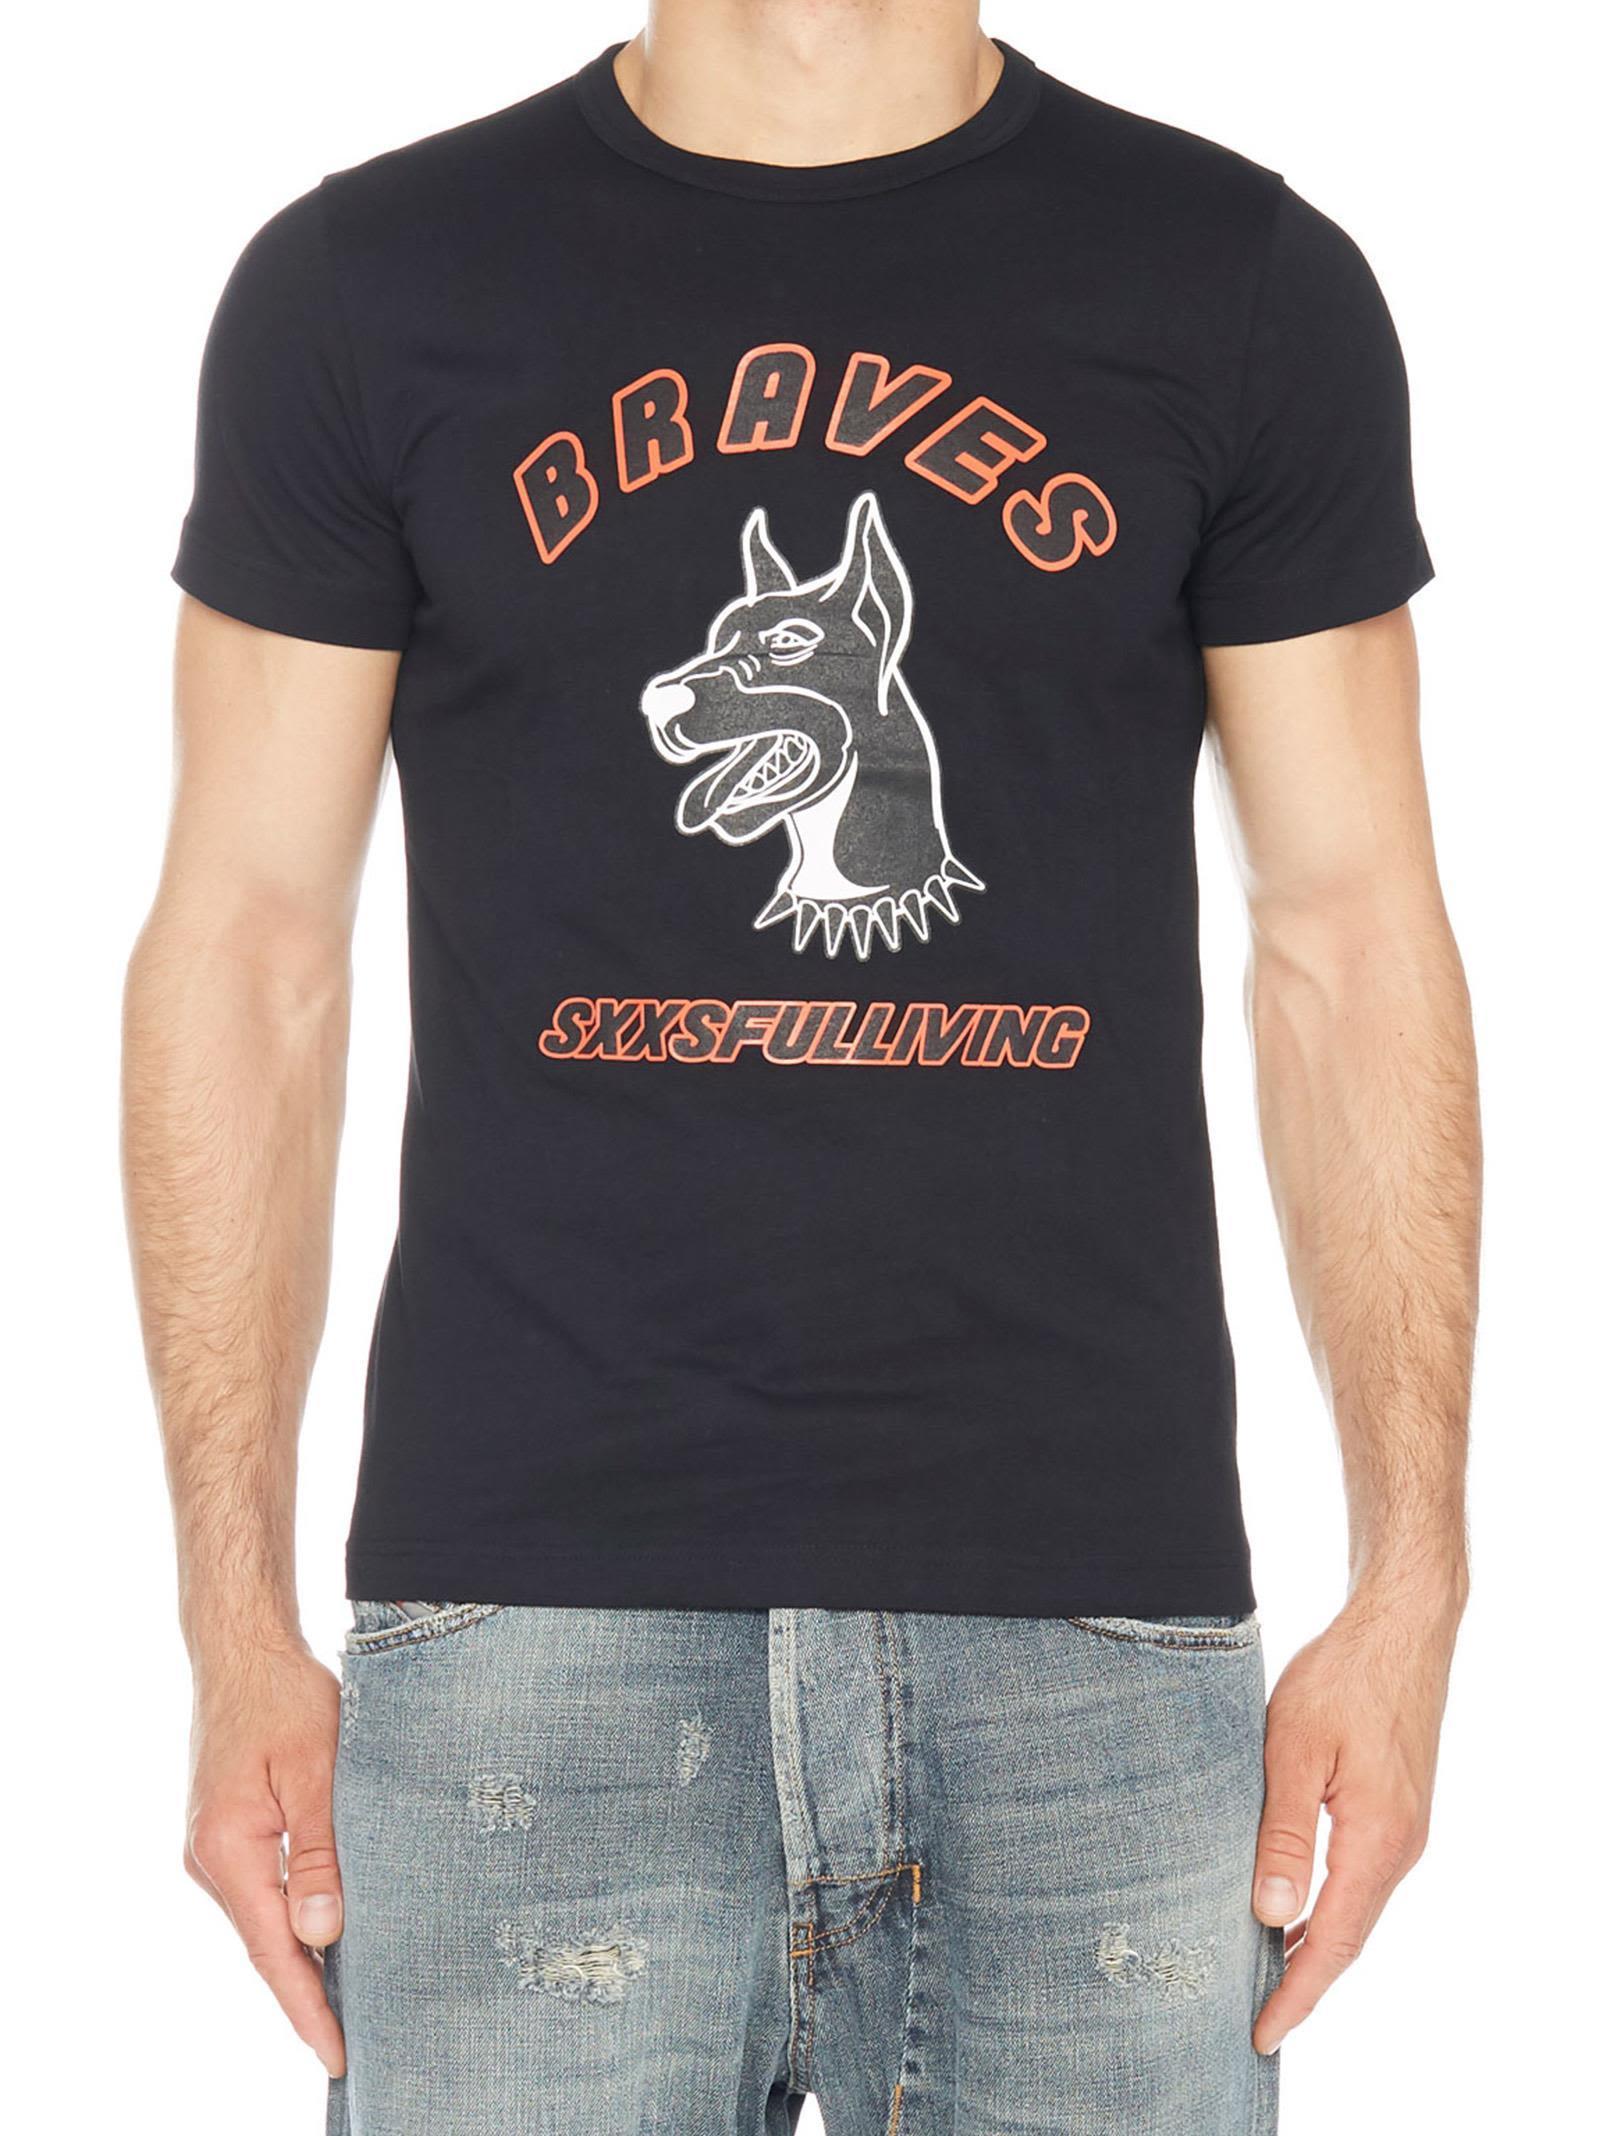 Diesel 't Diego Wf' T-shirt